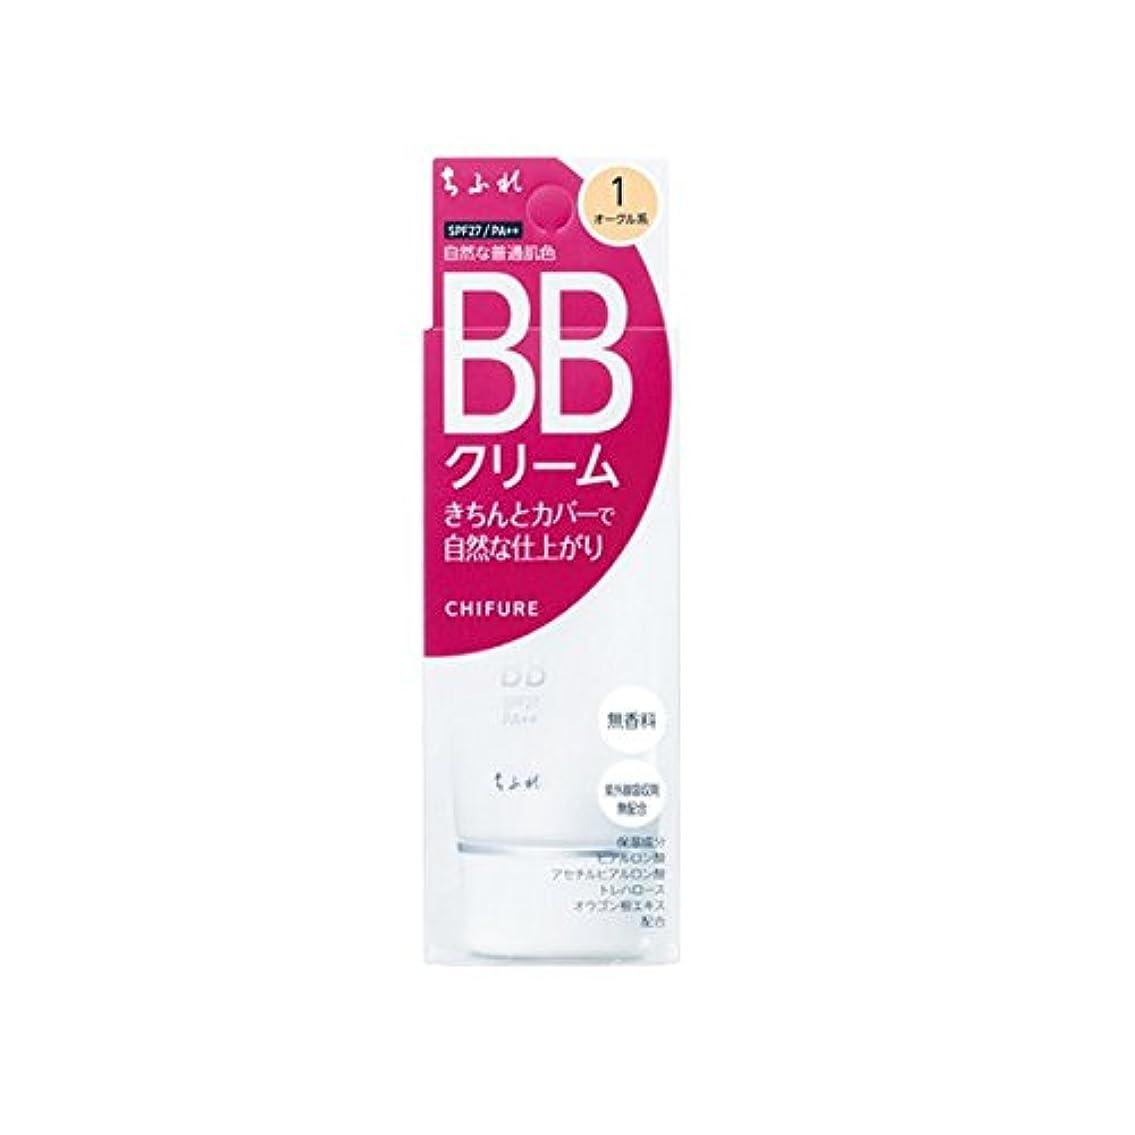 刃ライセンス補償ちふれ化粧品 BB クリーム 1 自然な普通肌色 BBクリーム 1